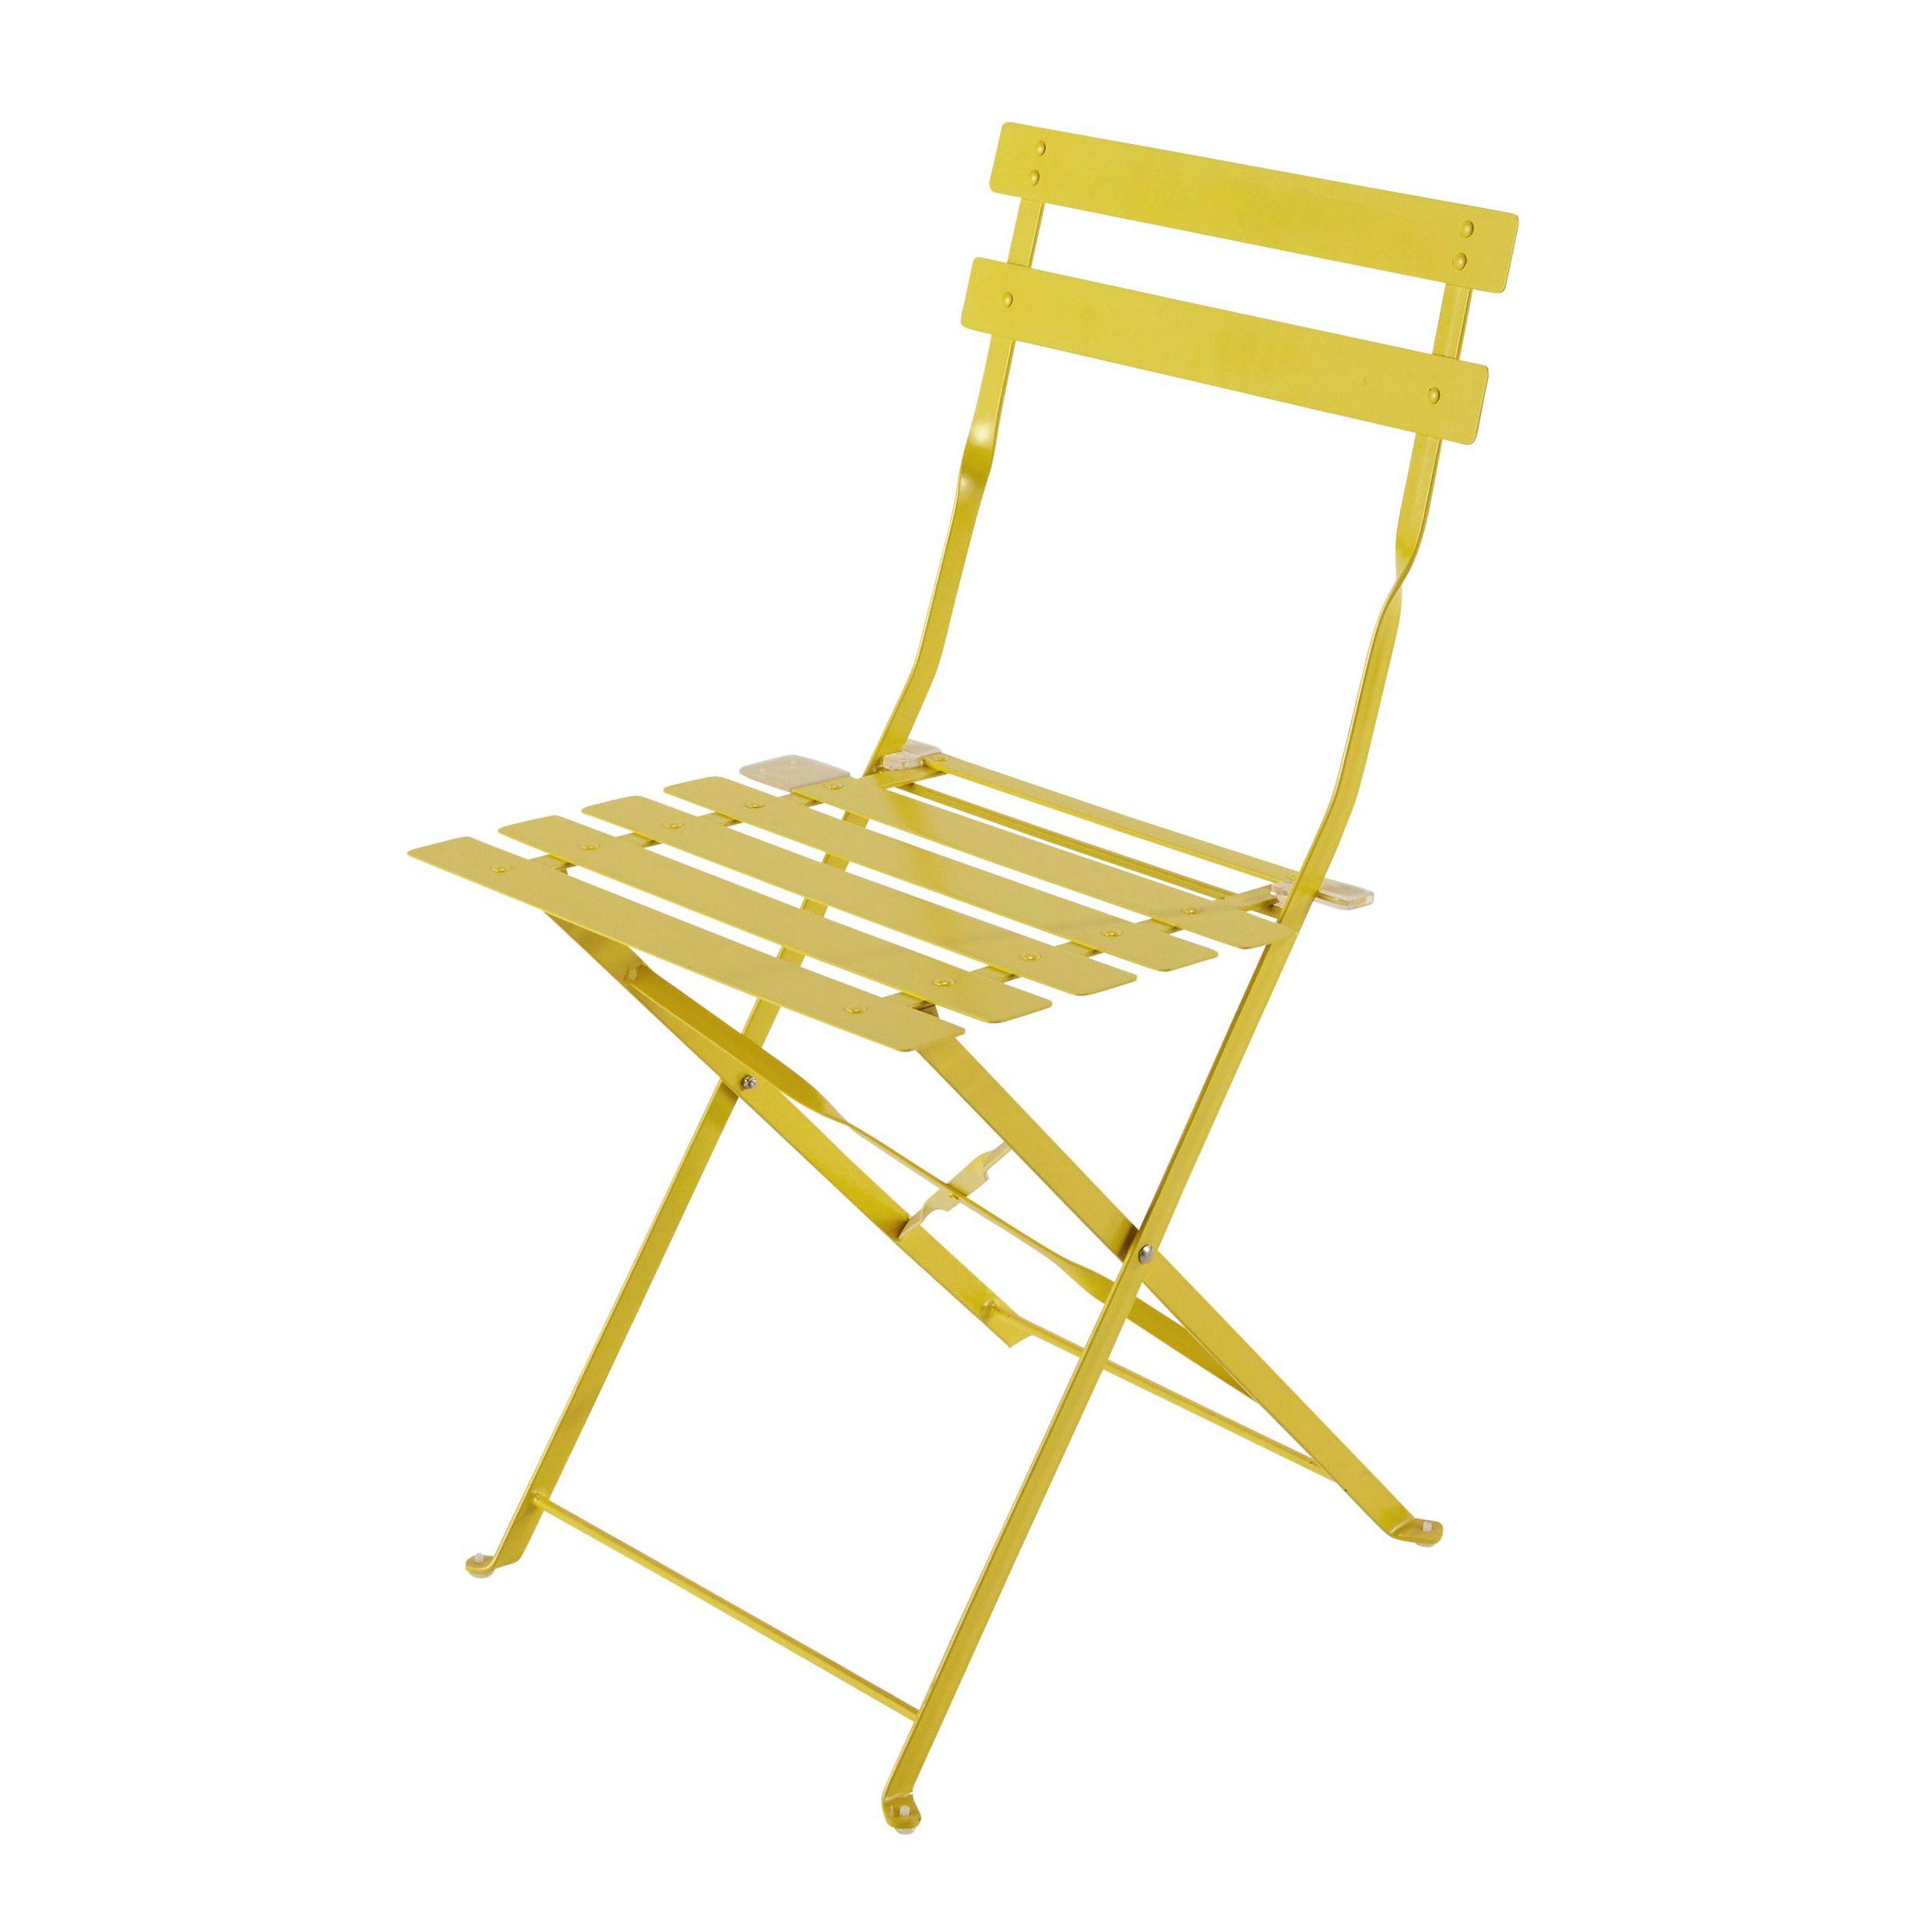 2 Klappgartenstuhle Aus Metall Gelb Maisons Du Monde Chaise Pliante Chaise Jardin Metal Chaise D Exterieur